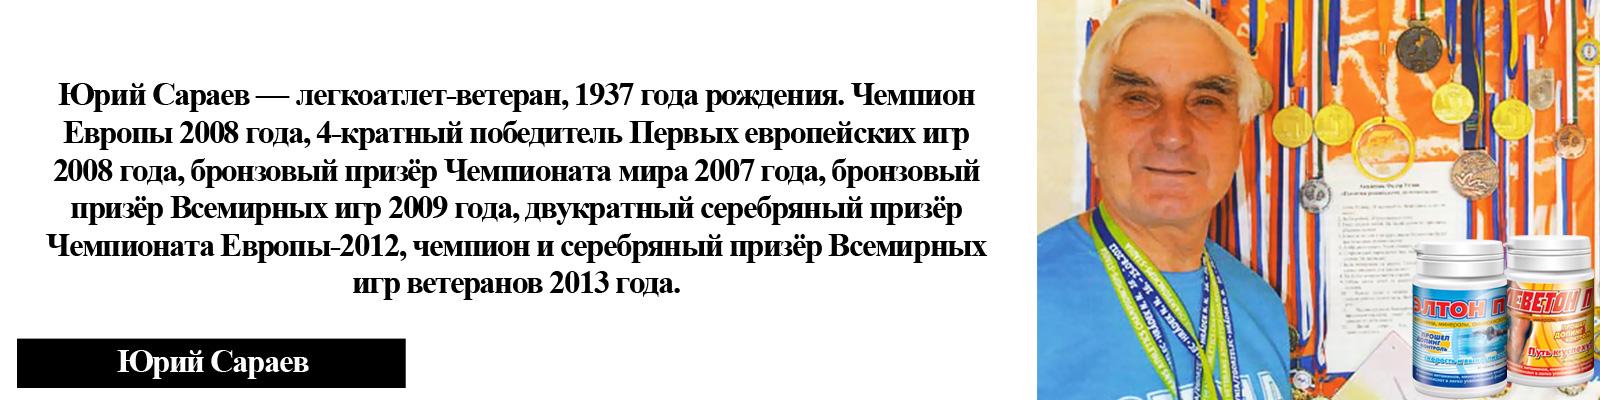 Юрий Сараев говорит, что для достижений надо принимать Леветон, Элтон, Одуванчик